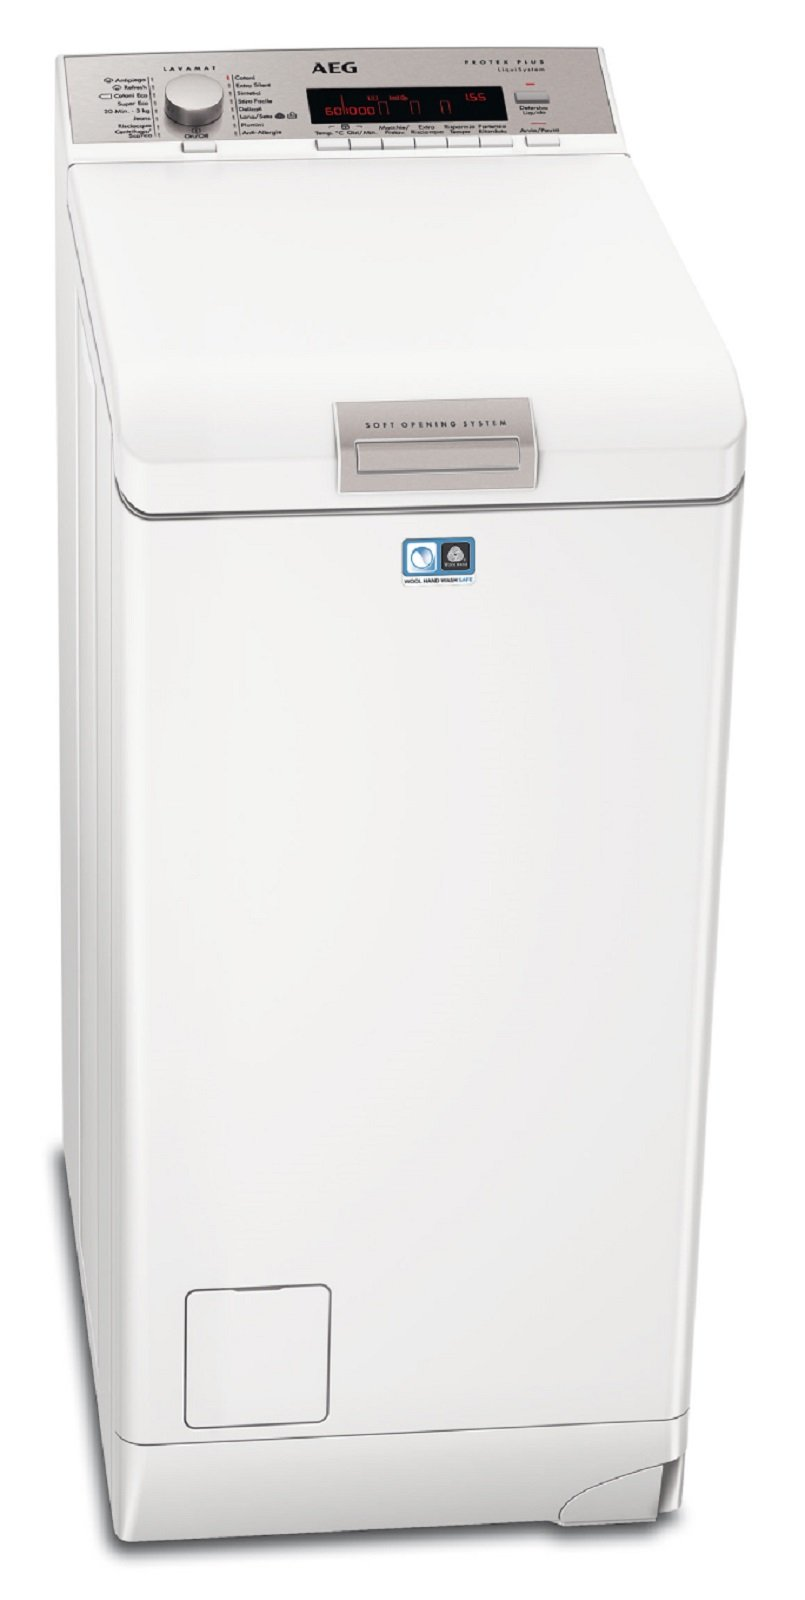 1aeg l88560tl lavatrici 45 cm cose di casa - Profondita lavatrice ...